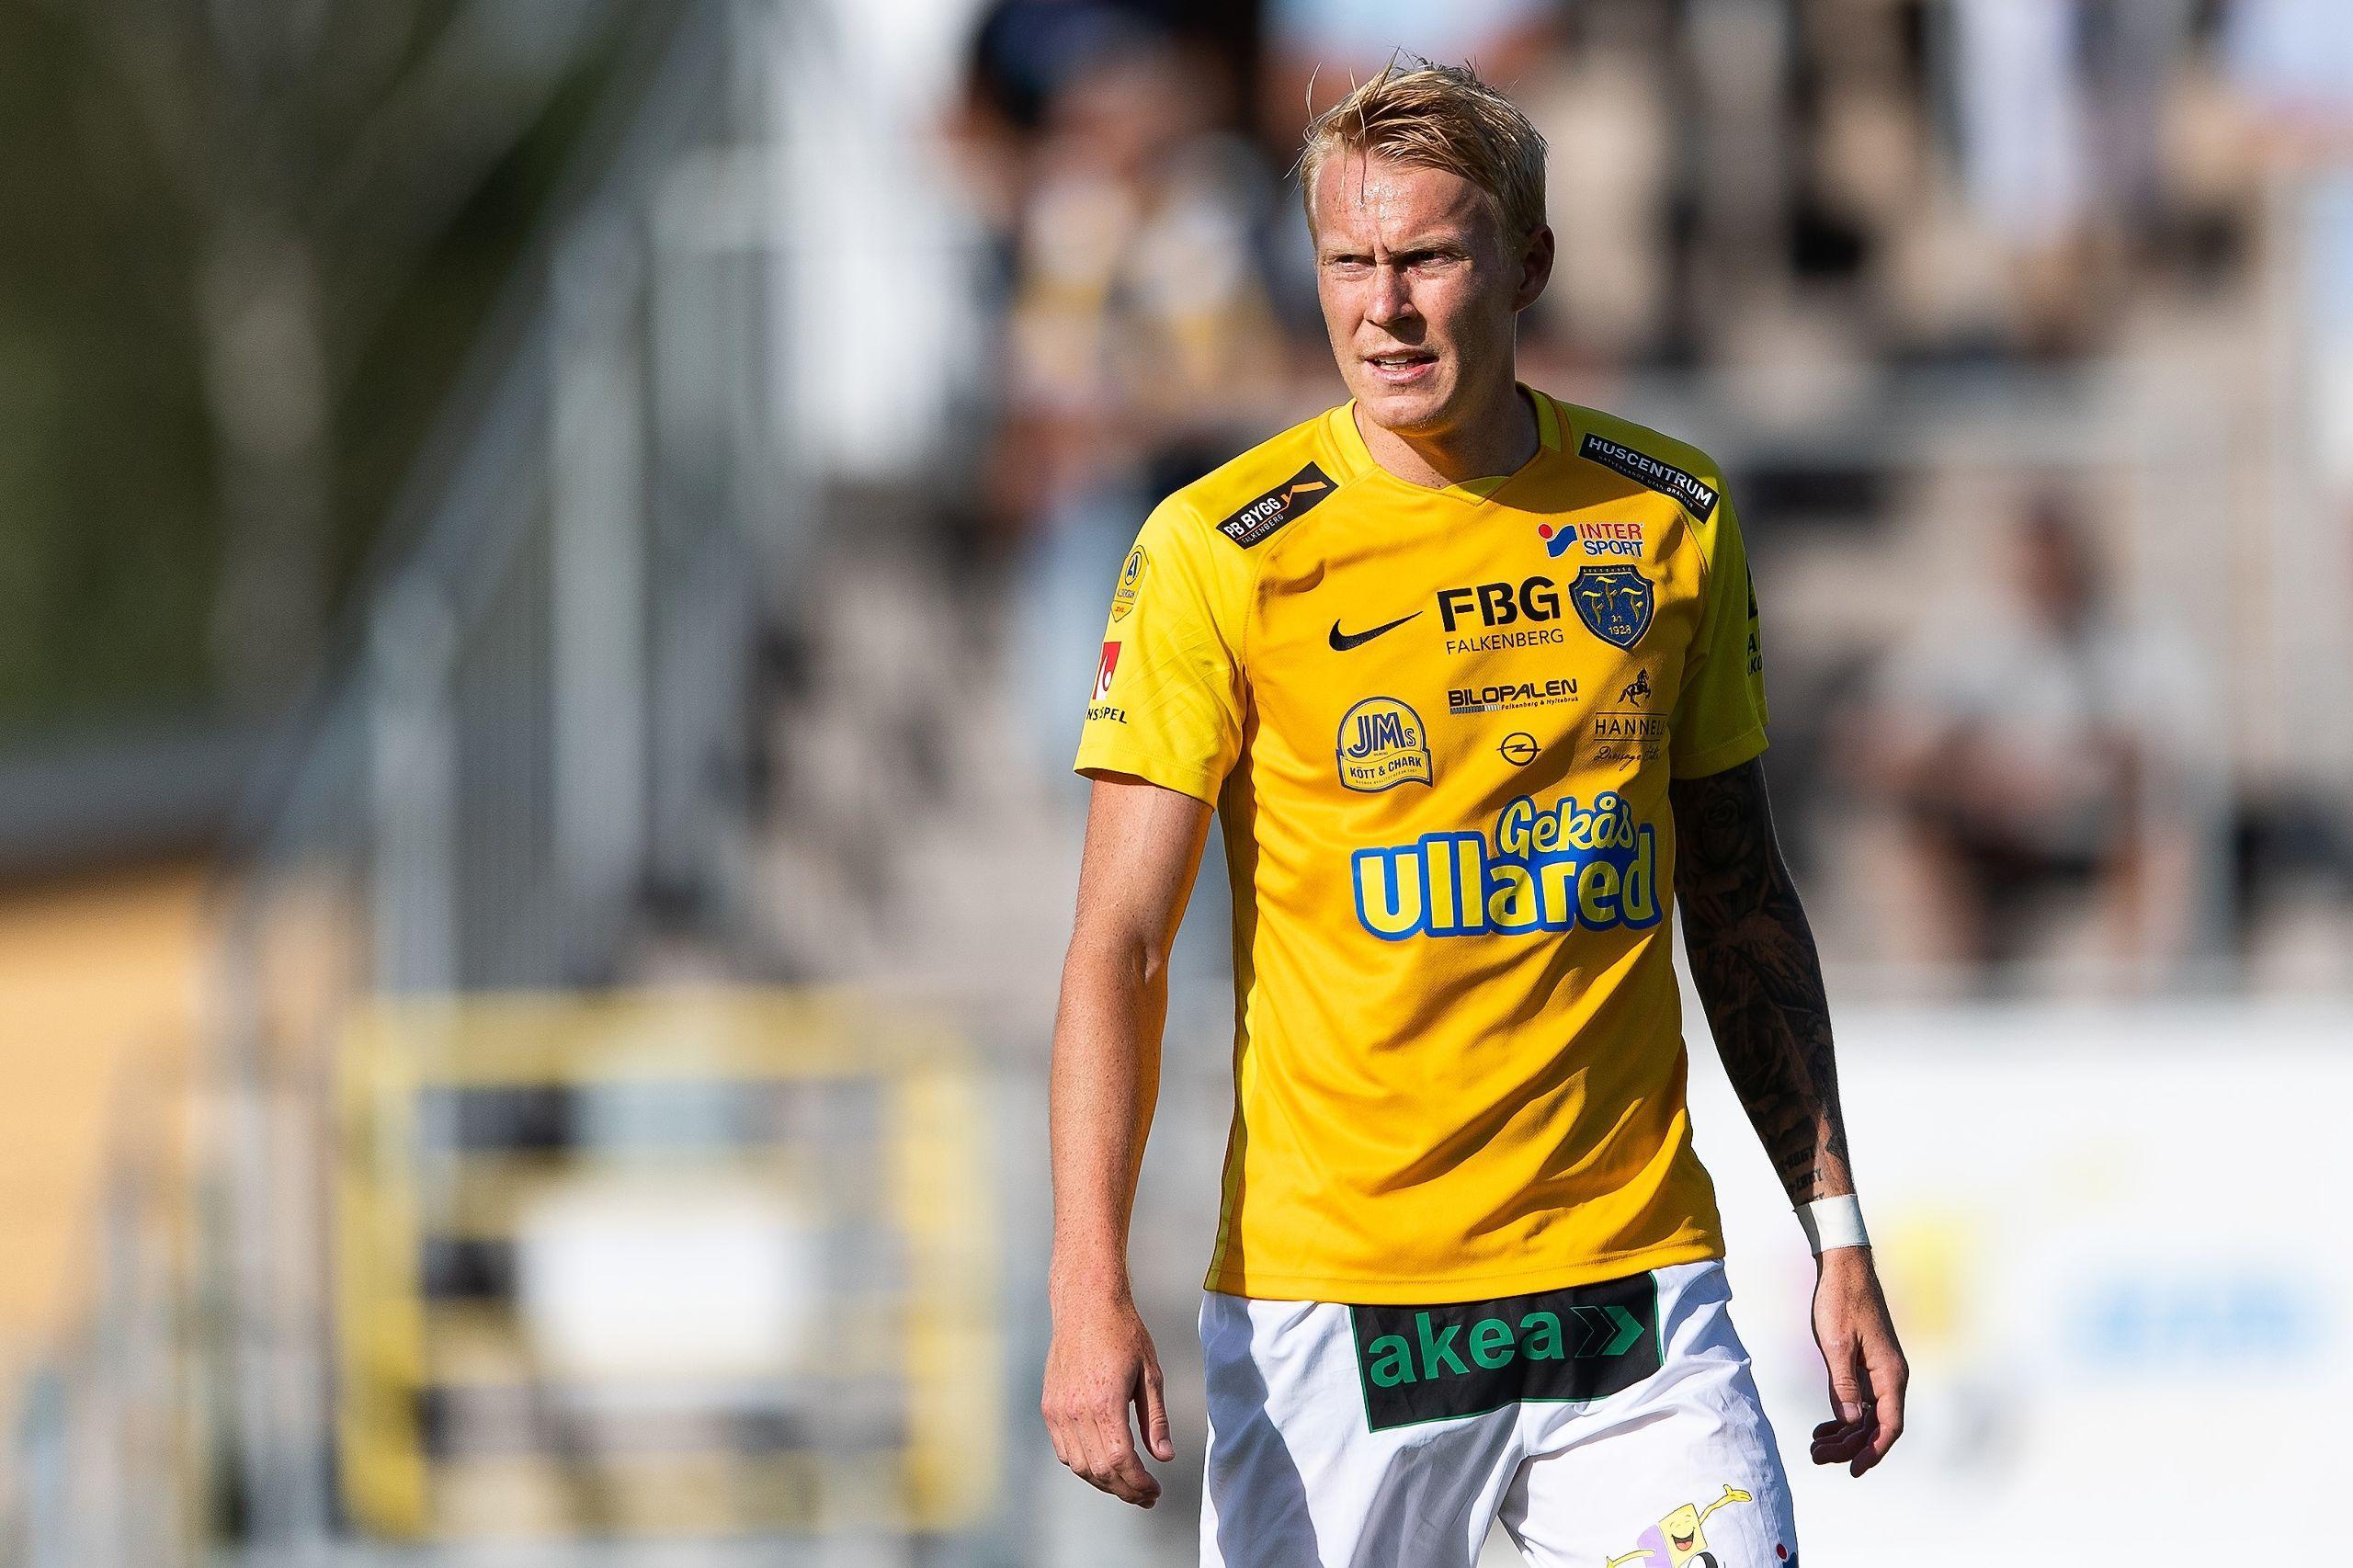 วิเคราะห์ฟุตบอล ออลสเวนส์คาน สวีเดน   ฟัลเค่นเบิร์ก vs IFK โกเตเบิร์ก 13/07/19